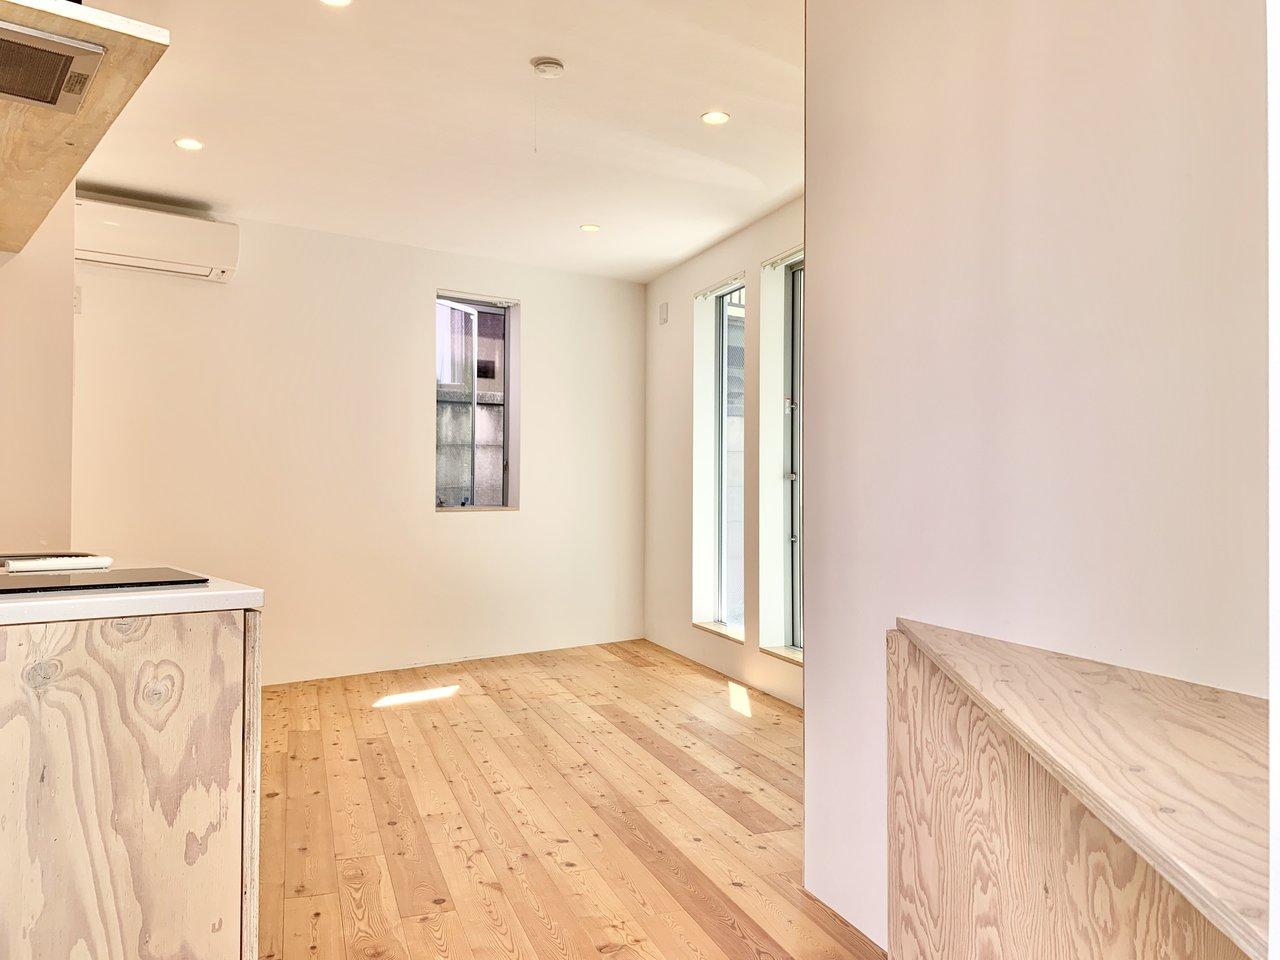 こちらも無垢床を使用したワンルームタイプのお部屋。カクカクとしている珍しい間取りですが、比較的リビングは広め。ゆったりと過ごせそう。